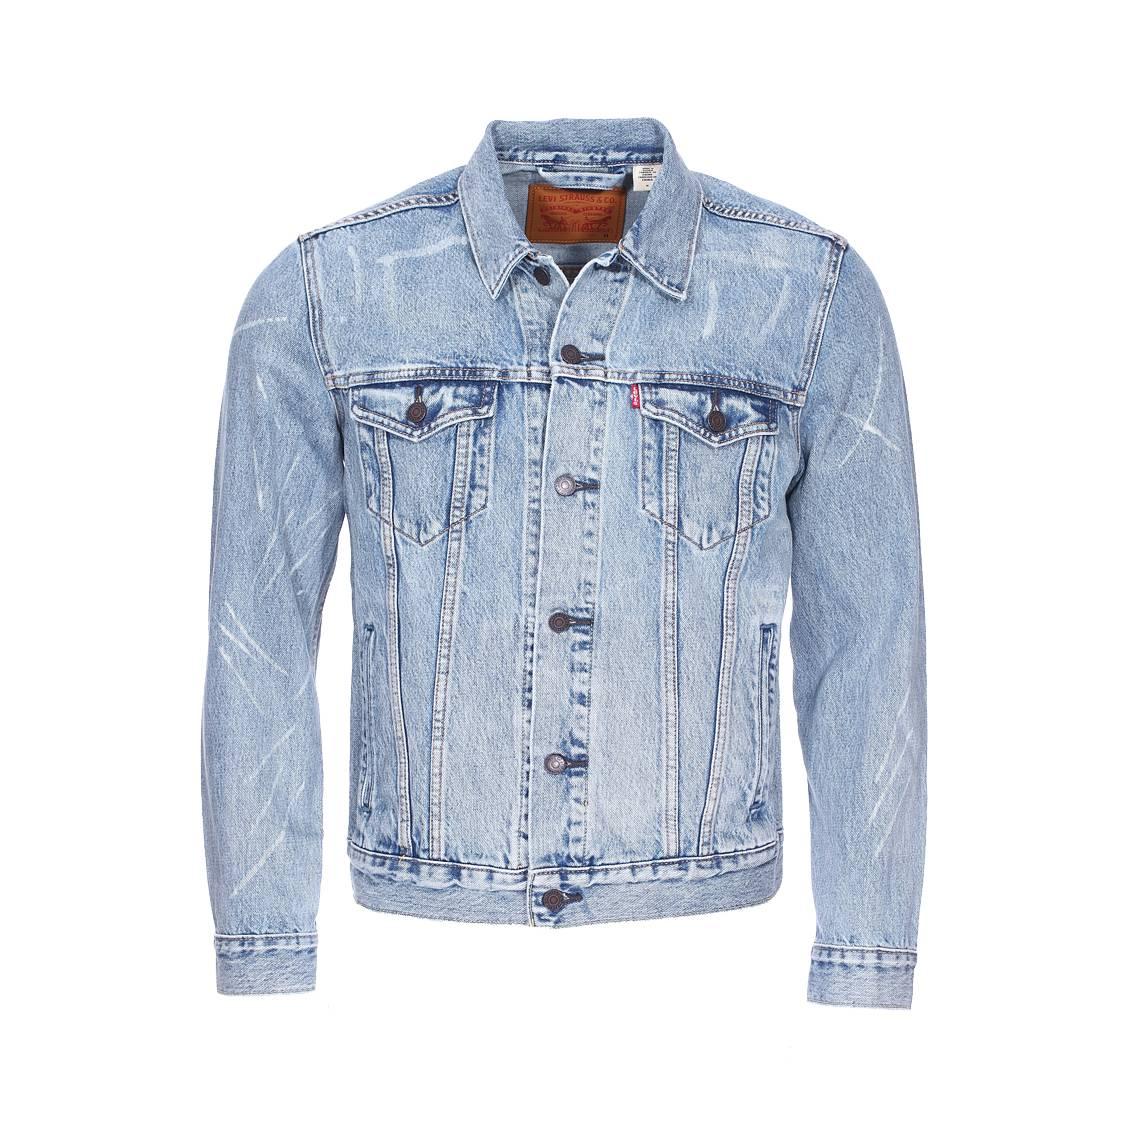 veste trucker levi 39 s rolled up dollar en coton m lang bleu jean rue des hommes. Black Bedroom Furniture Sets. Home Design Ideas